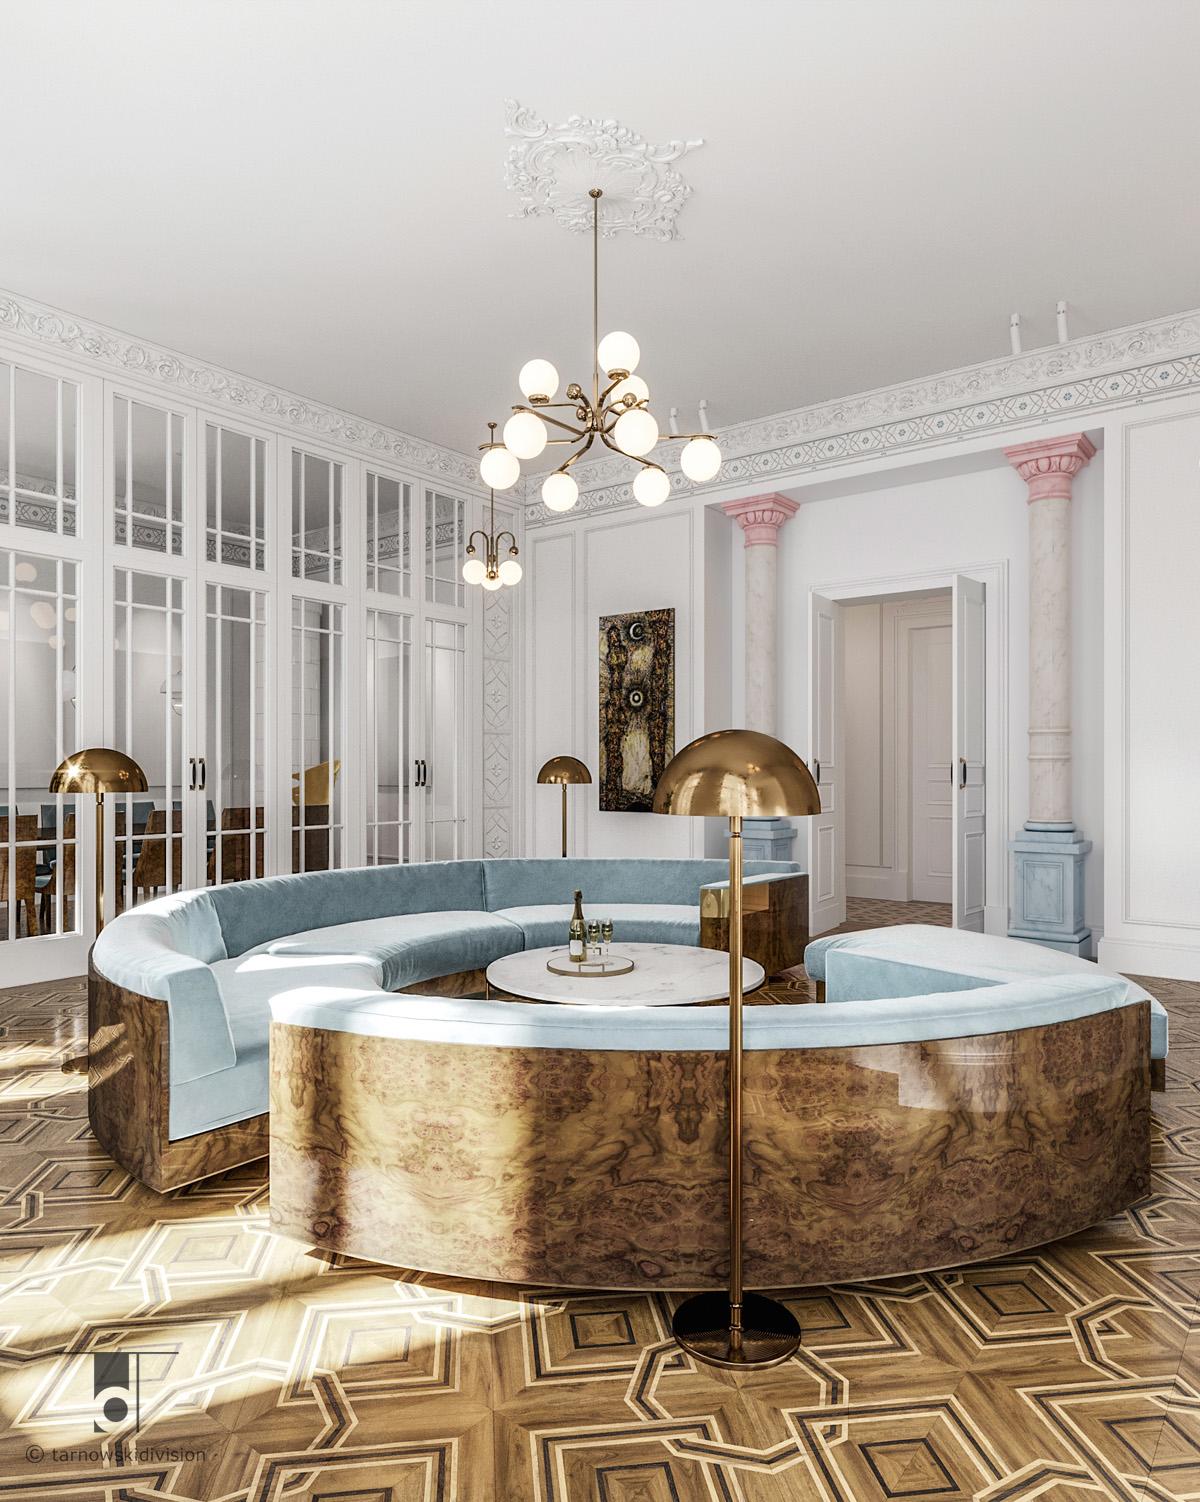 klasyczne wnętrze stylowe wnętrza projektowanie wnętrz klasycznych projekty stylowych wnętrz elegancki salon_tarnowski division